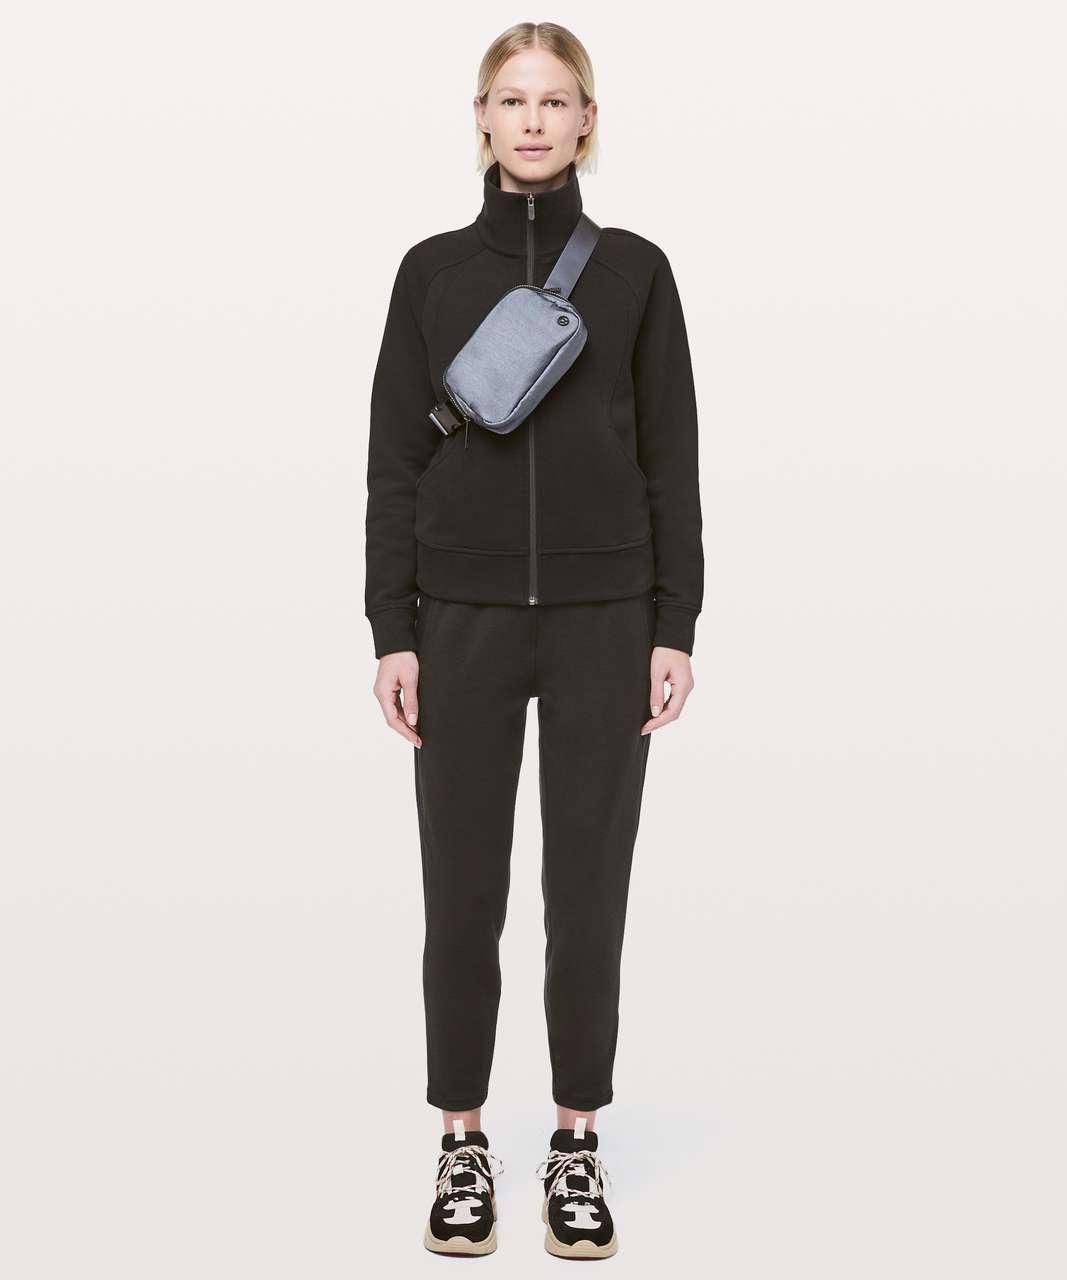 Lululemon Pleat Perfection Jacket - Black